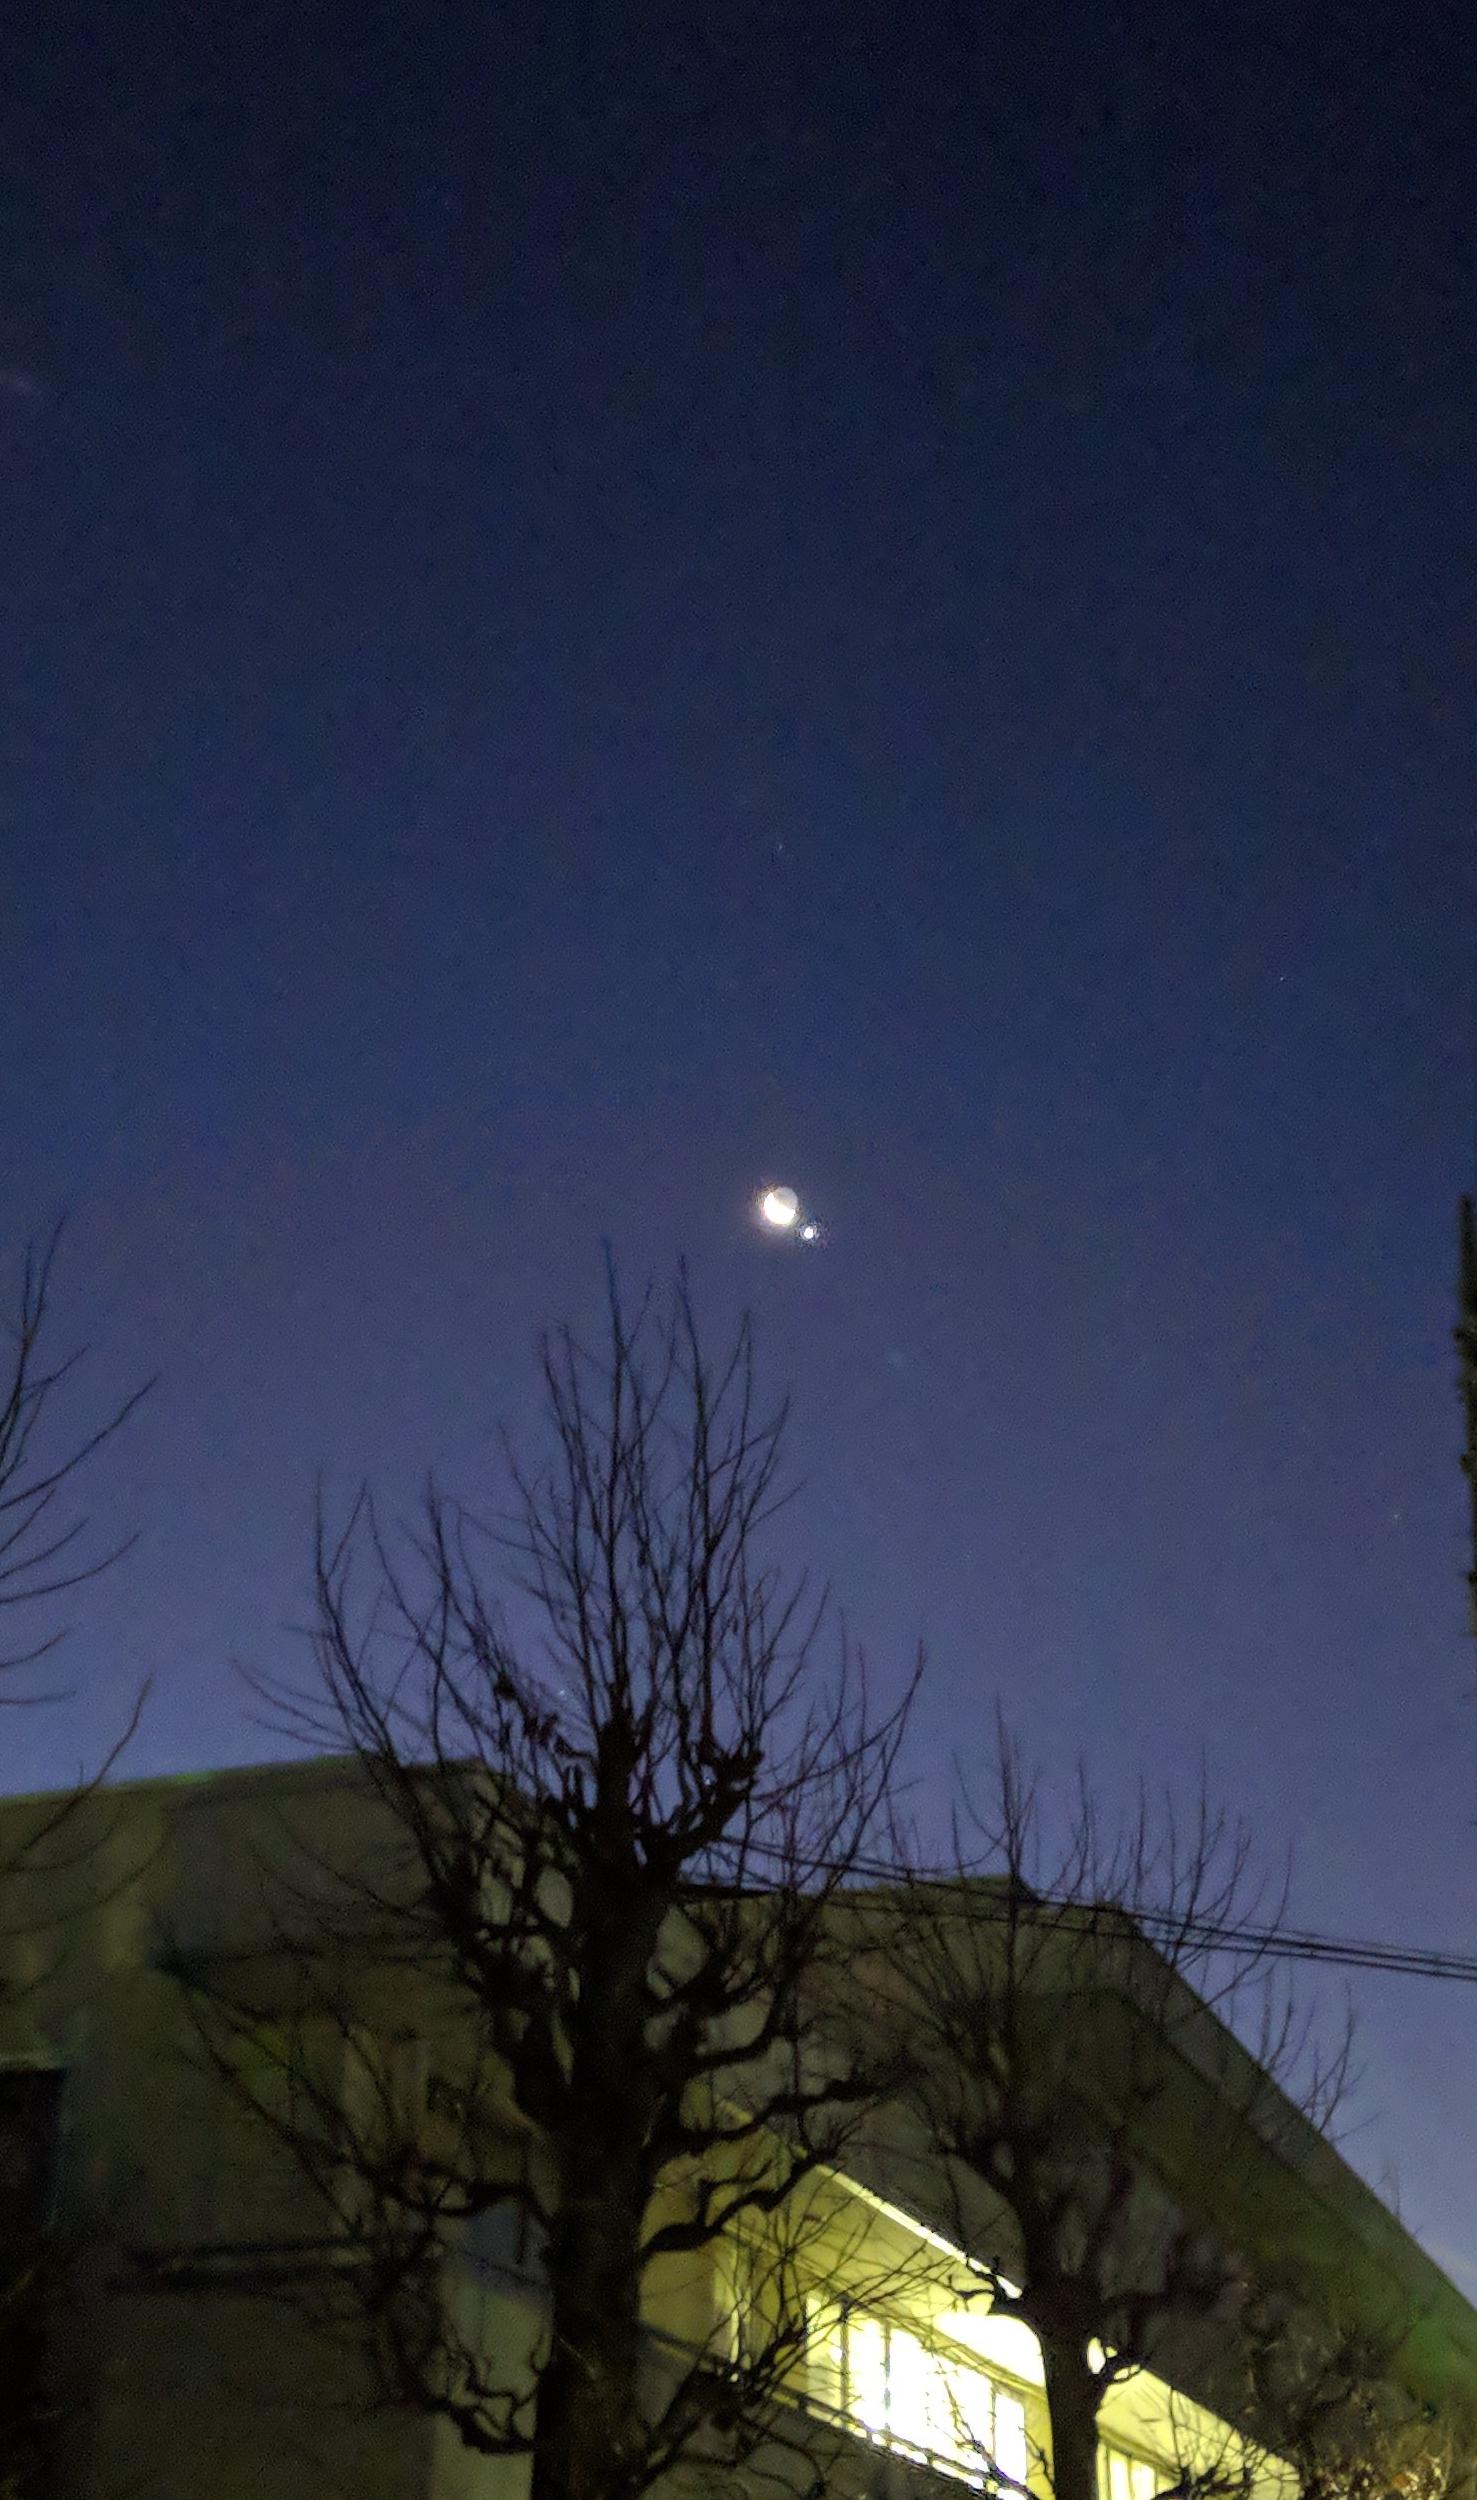 2019年1/2 早朝:月の横に明るい星が!金星らしい